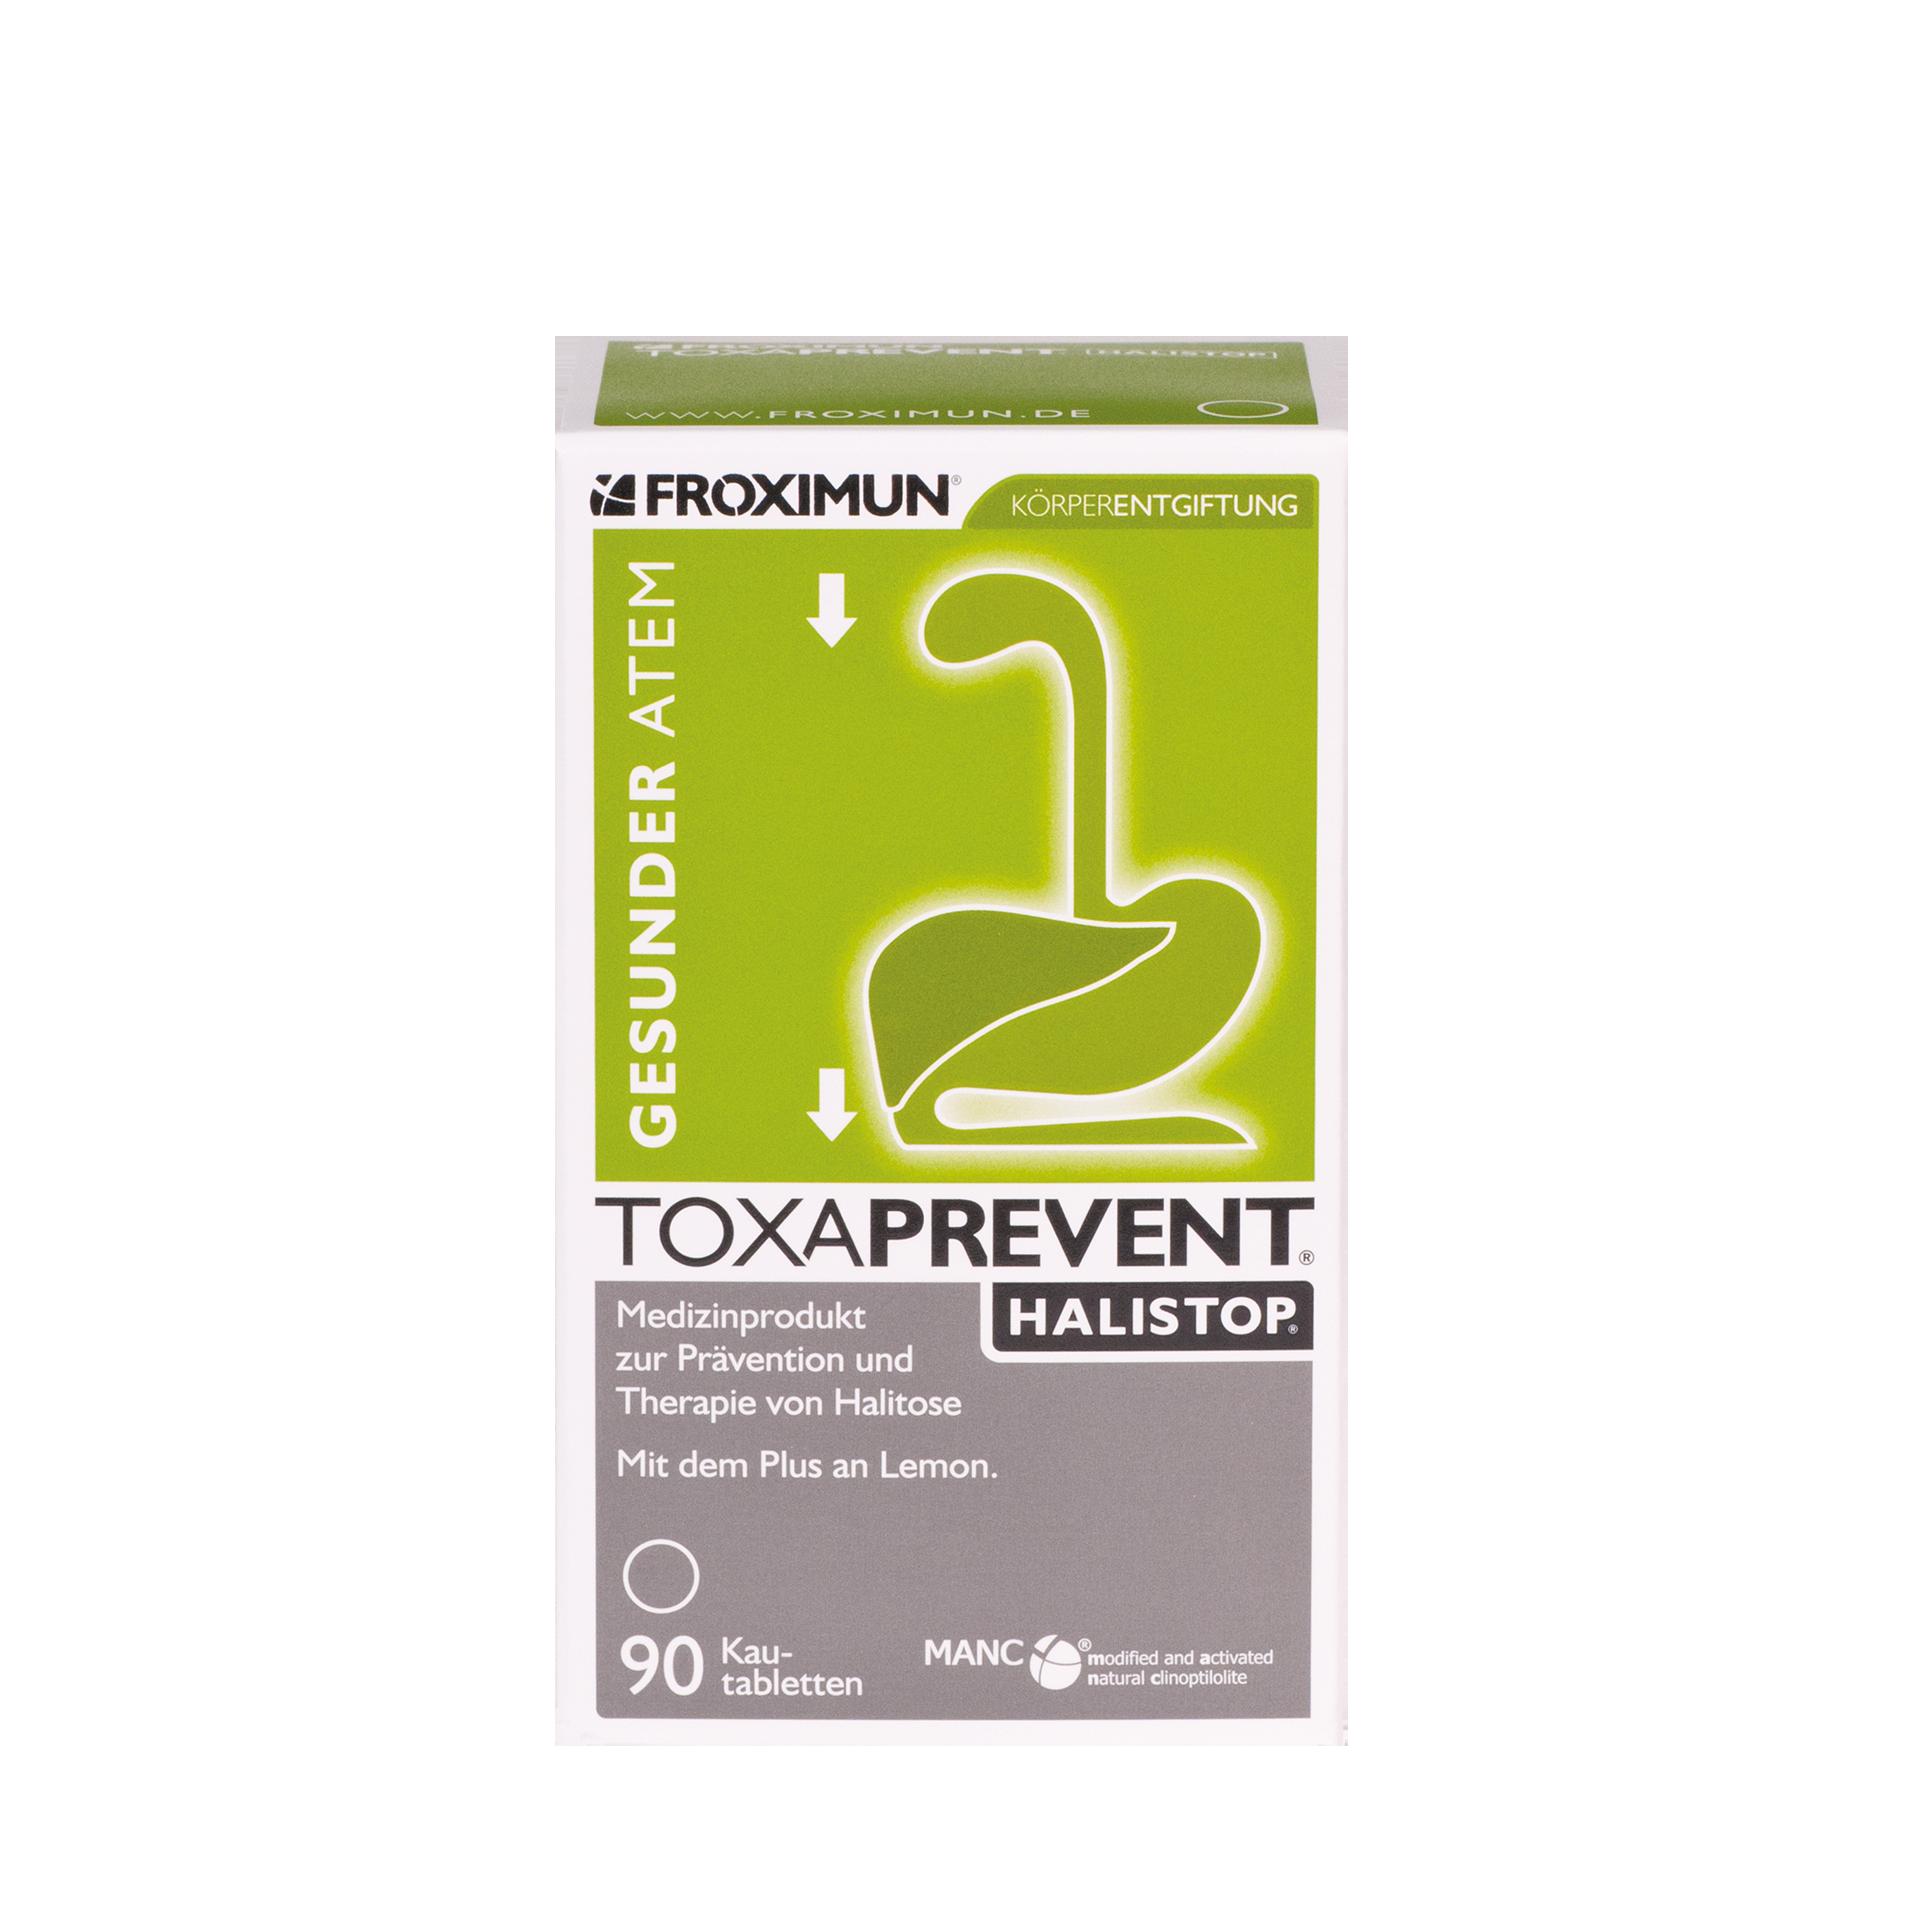 Toxaprevent Halistop, 90 Kautabletten